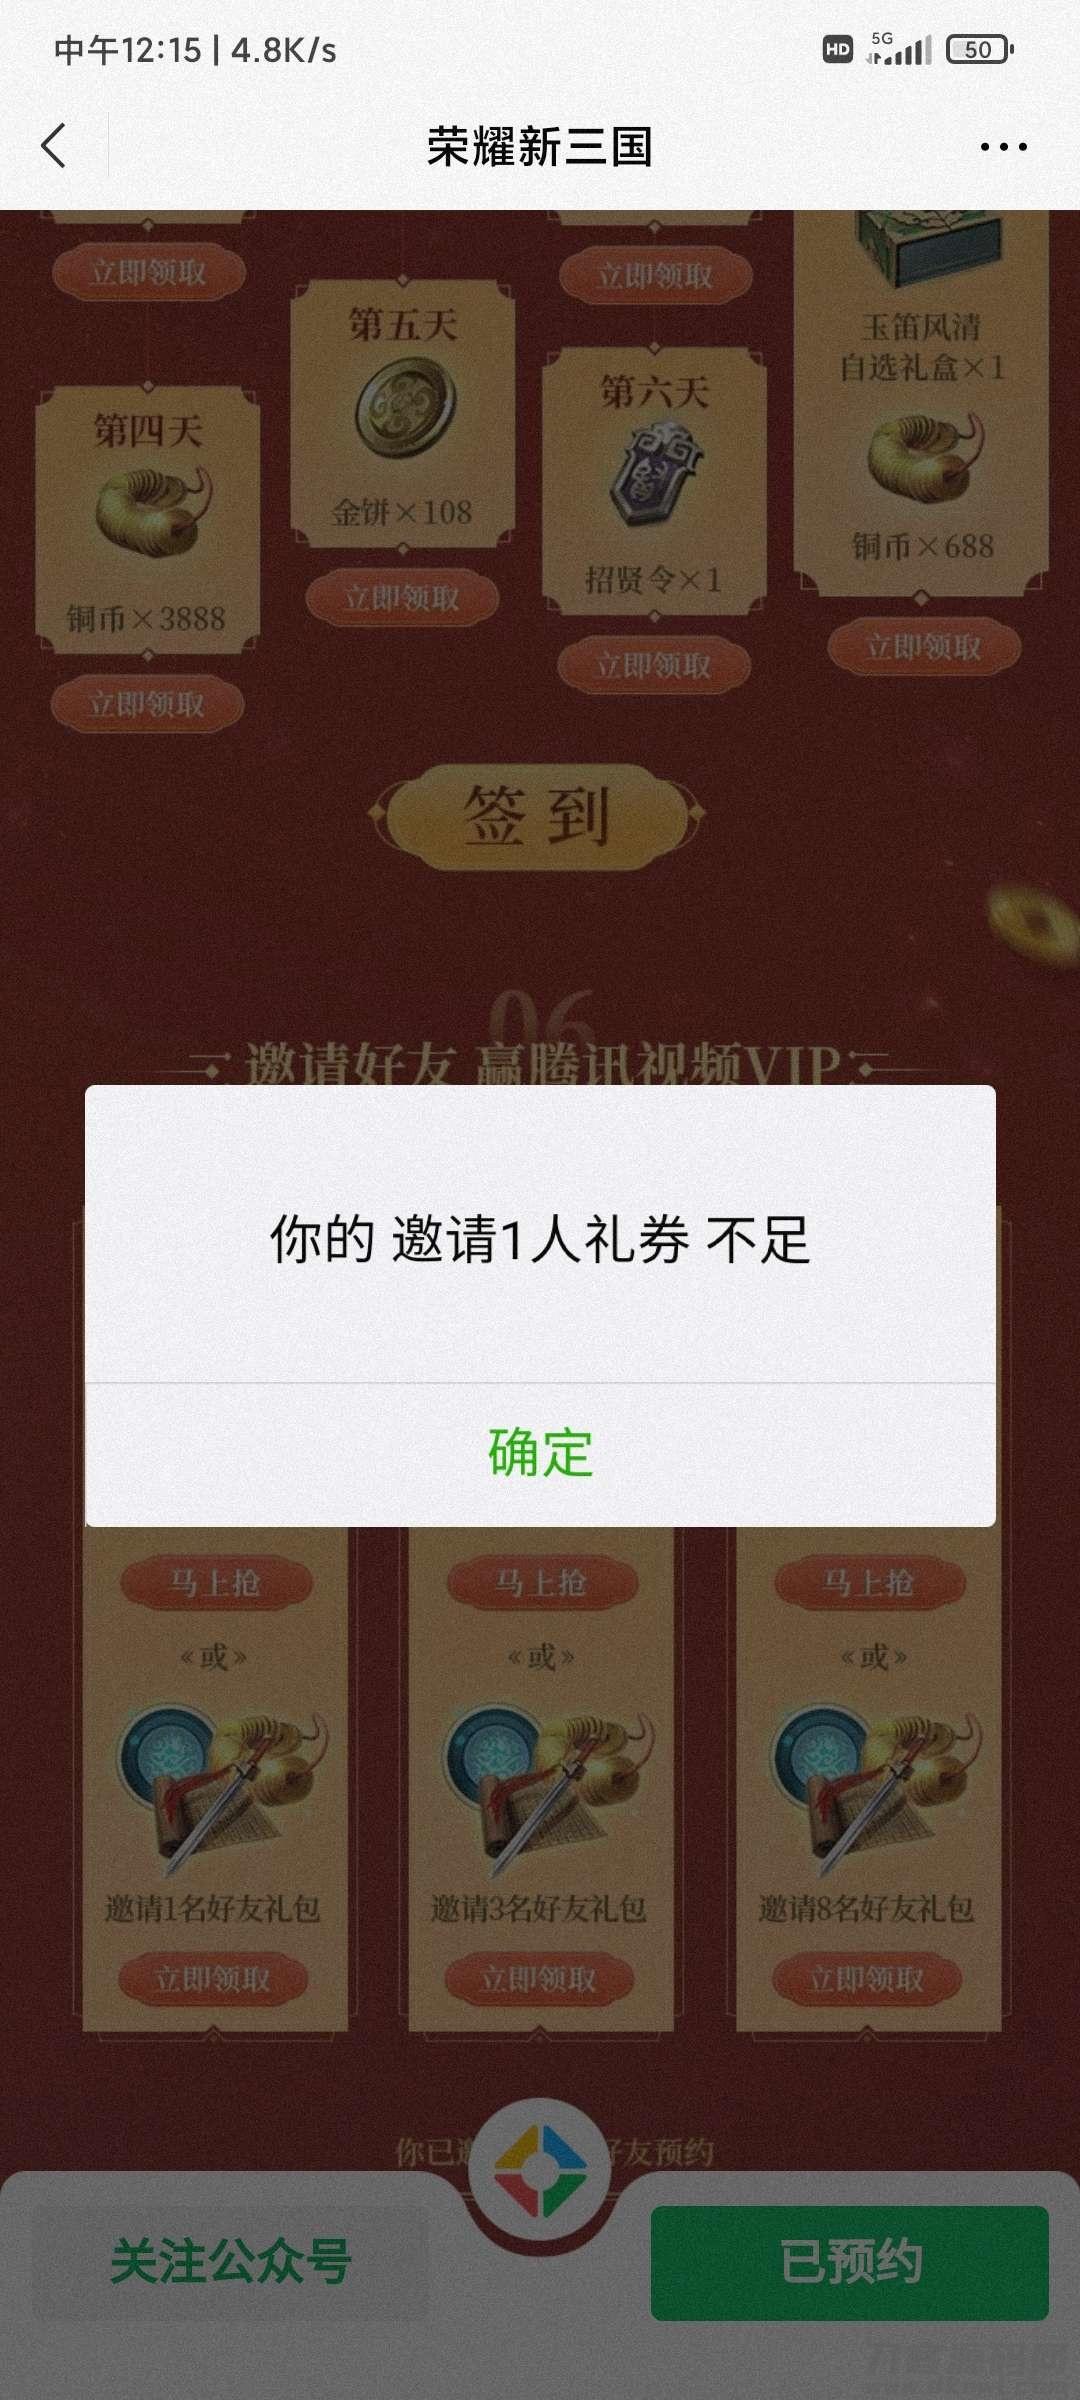 【虚拟物品】荣光新三国获得VIP会员插图